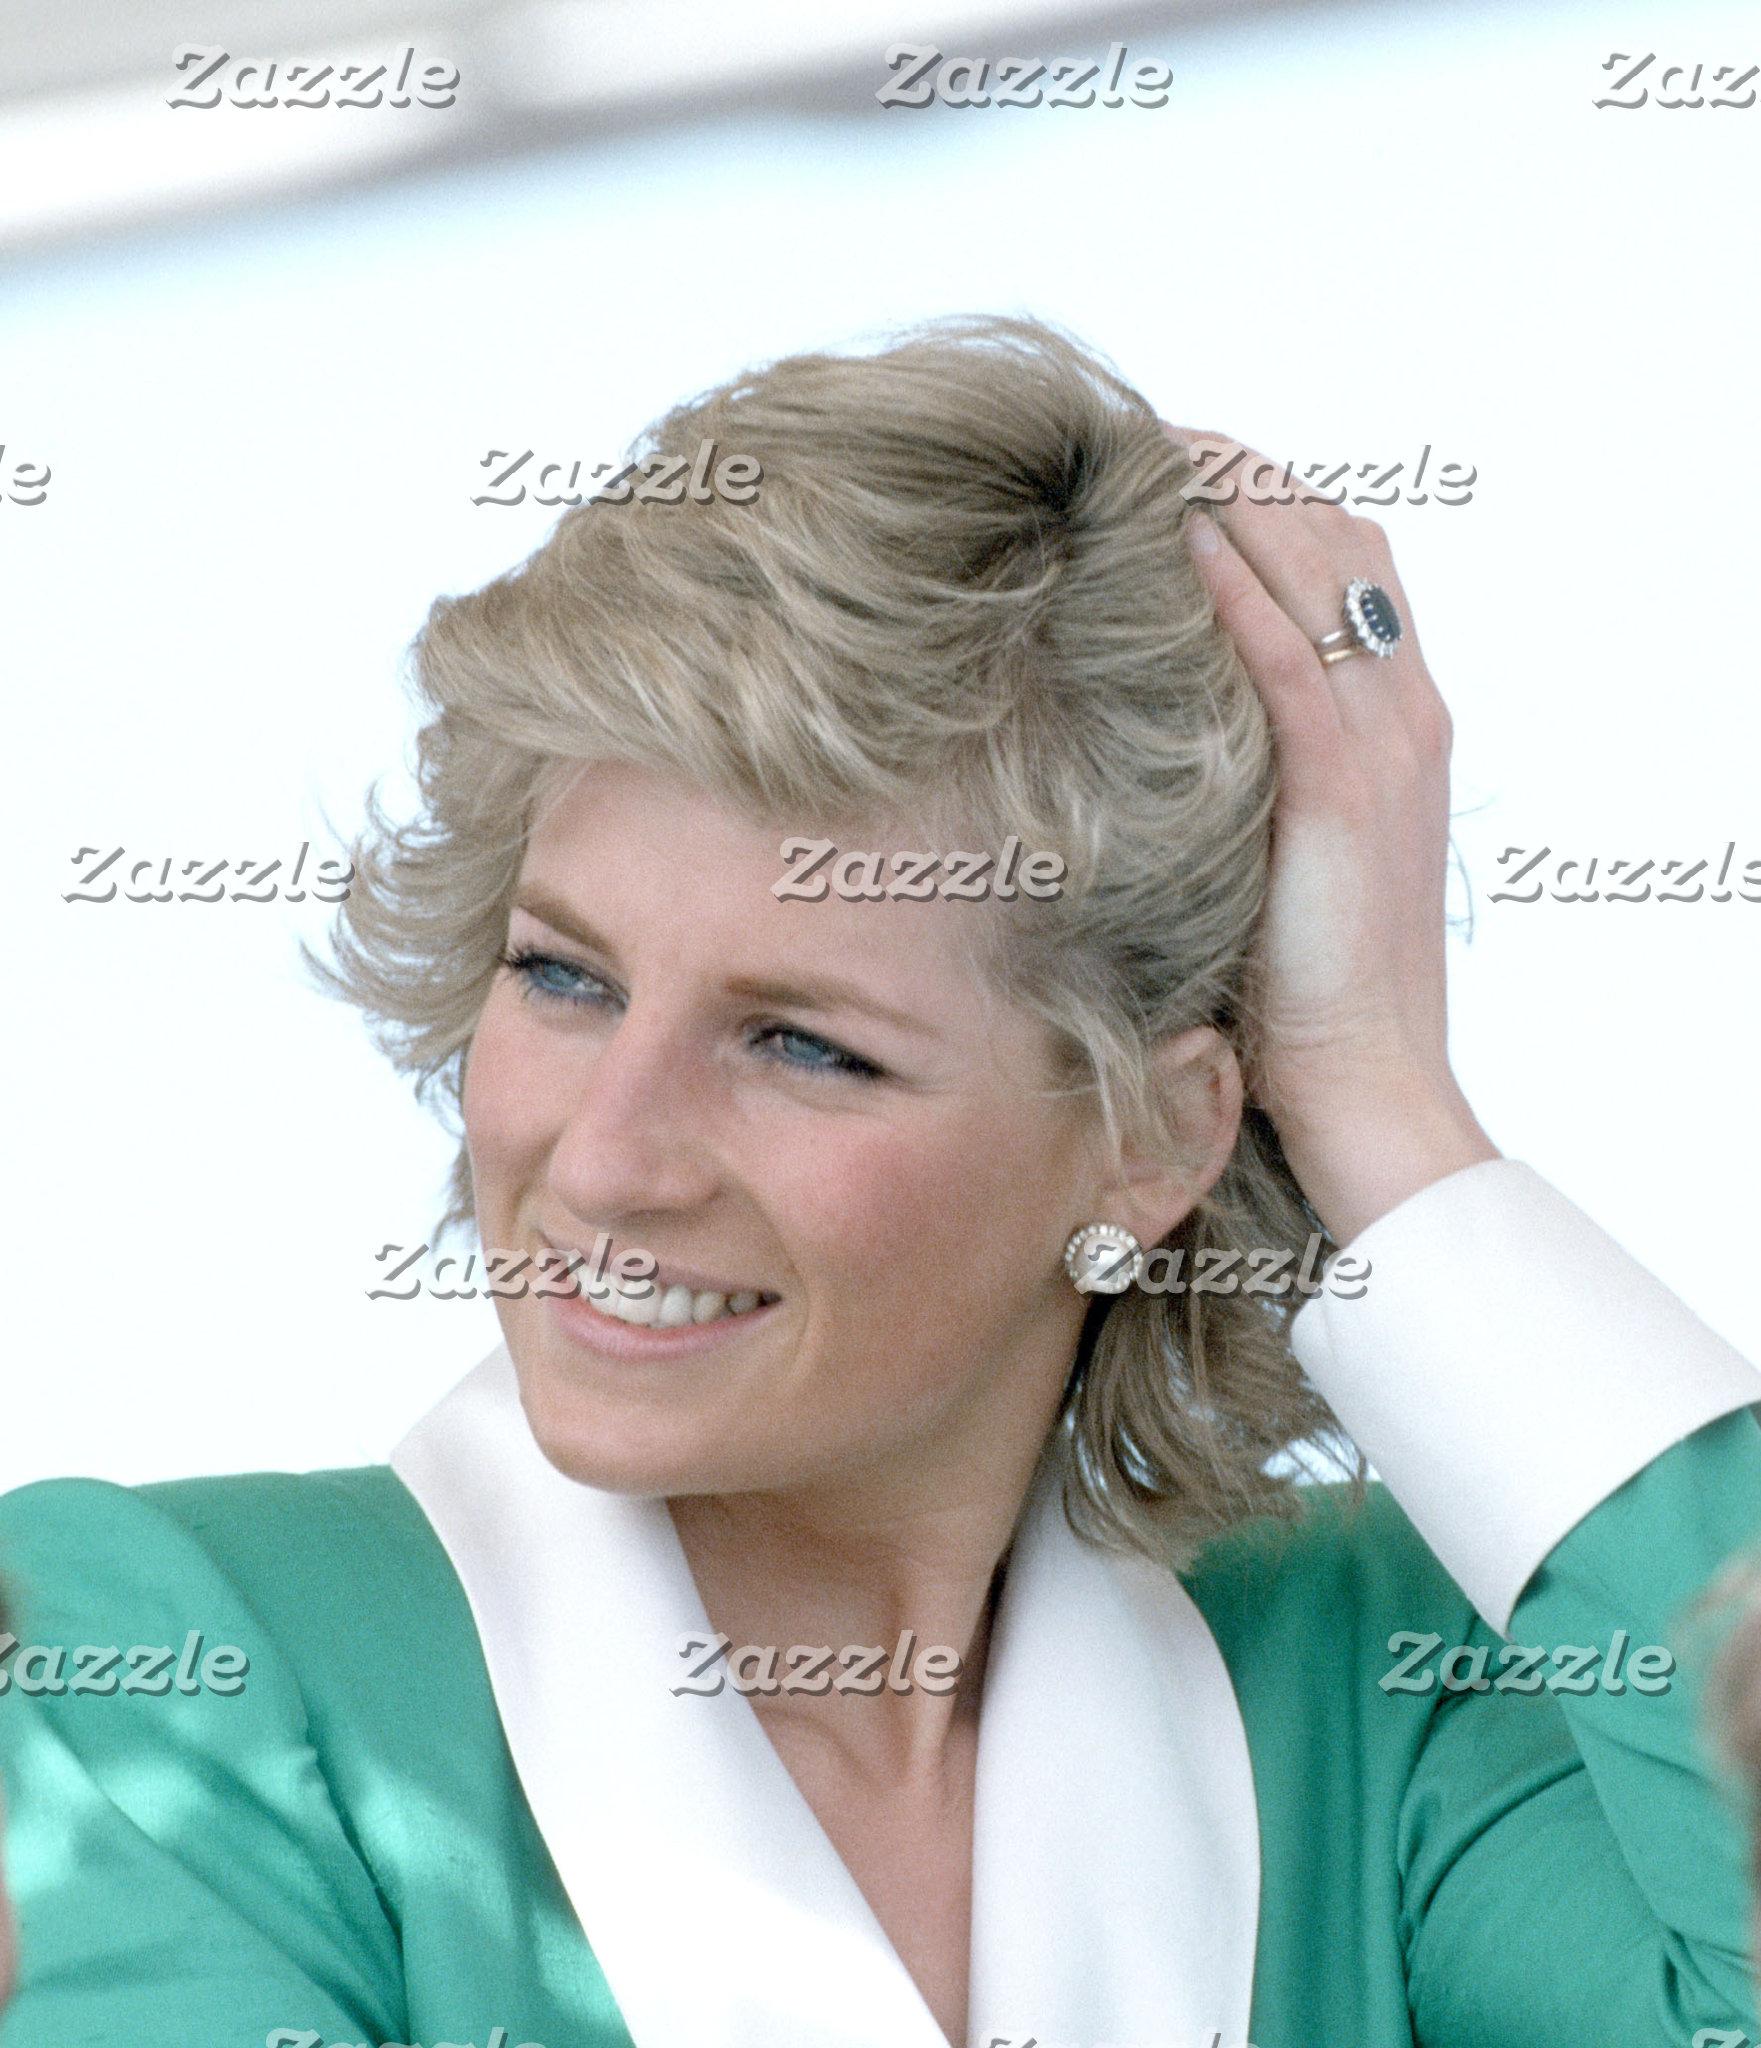 HRH Princess Diana